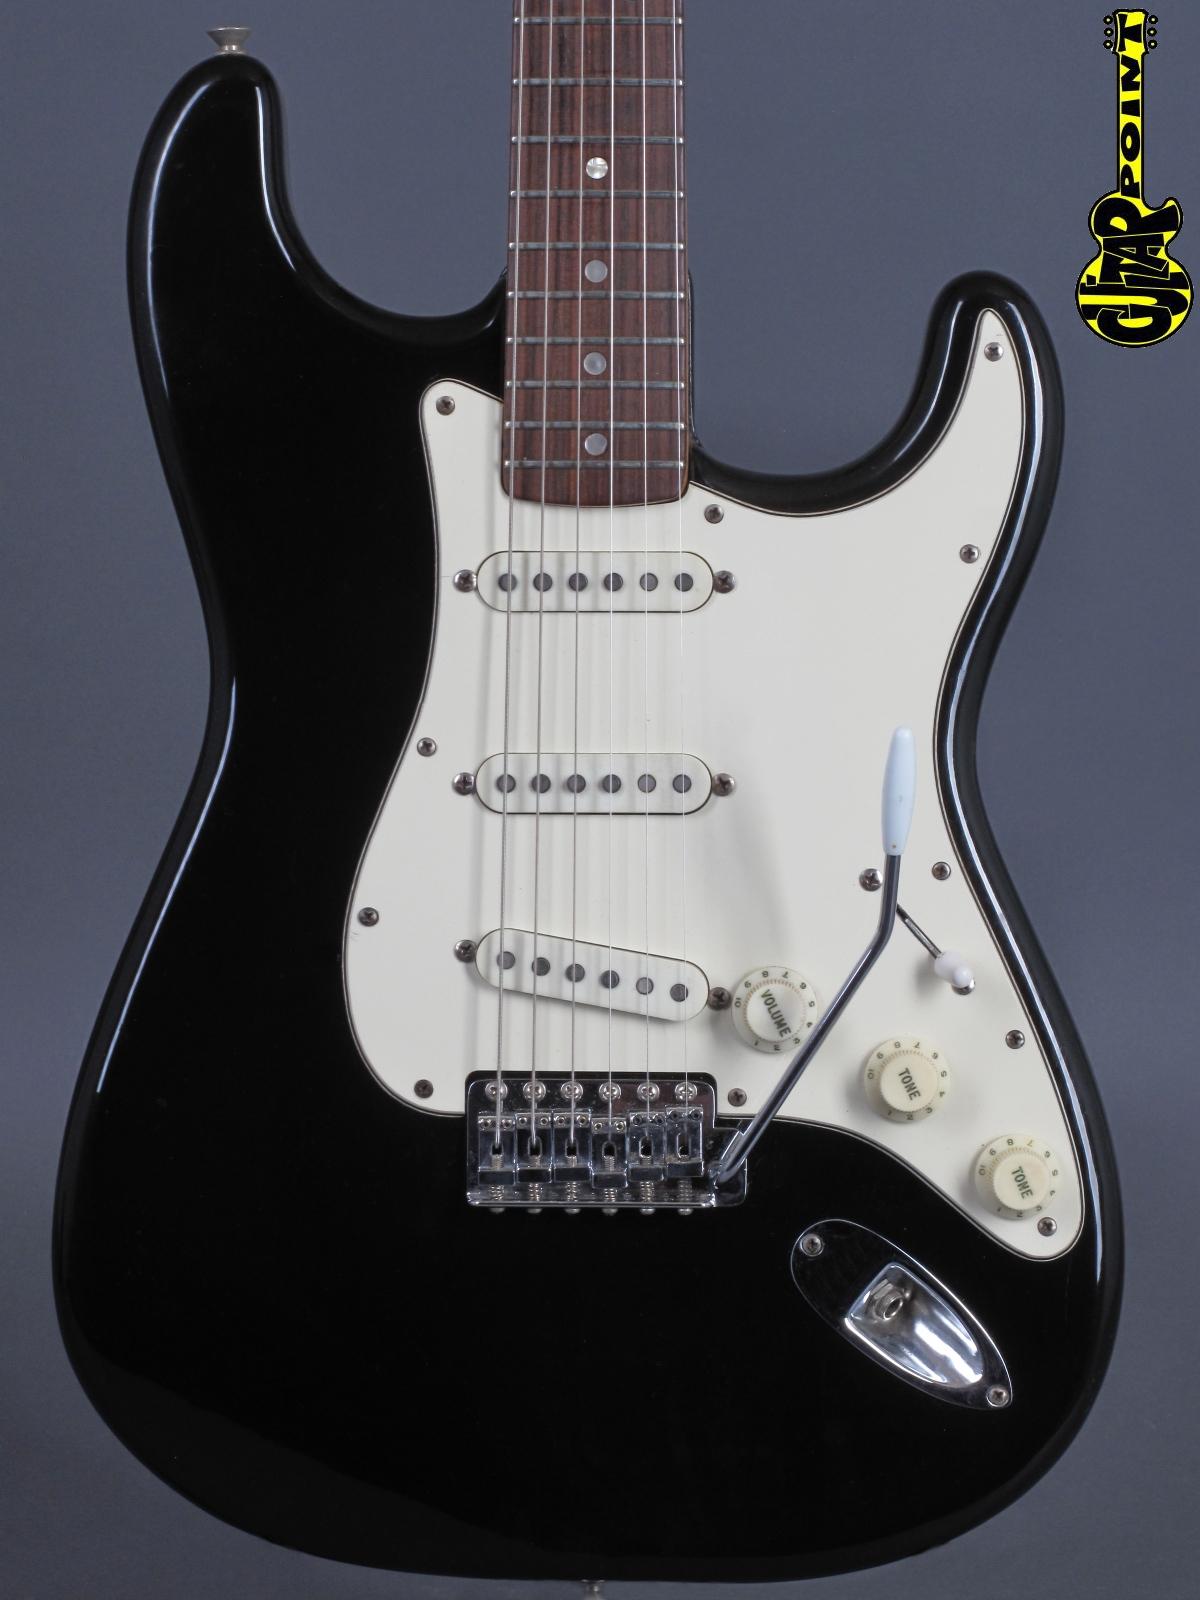 1972 Fender Stratocaster - Black    (Rosewood board)